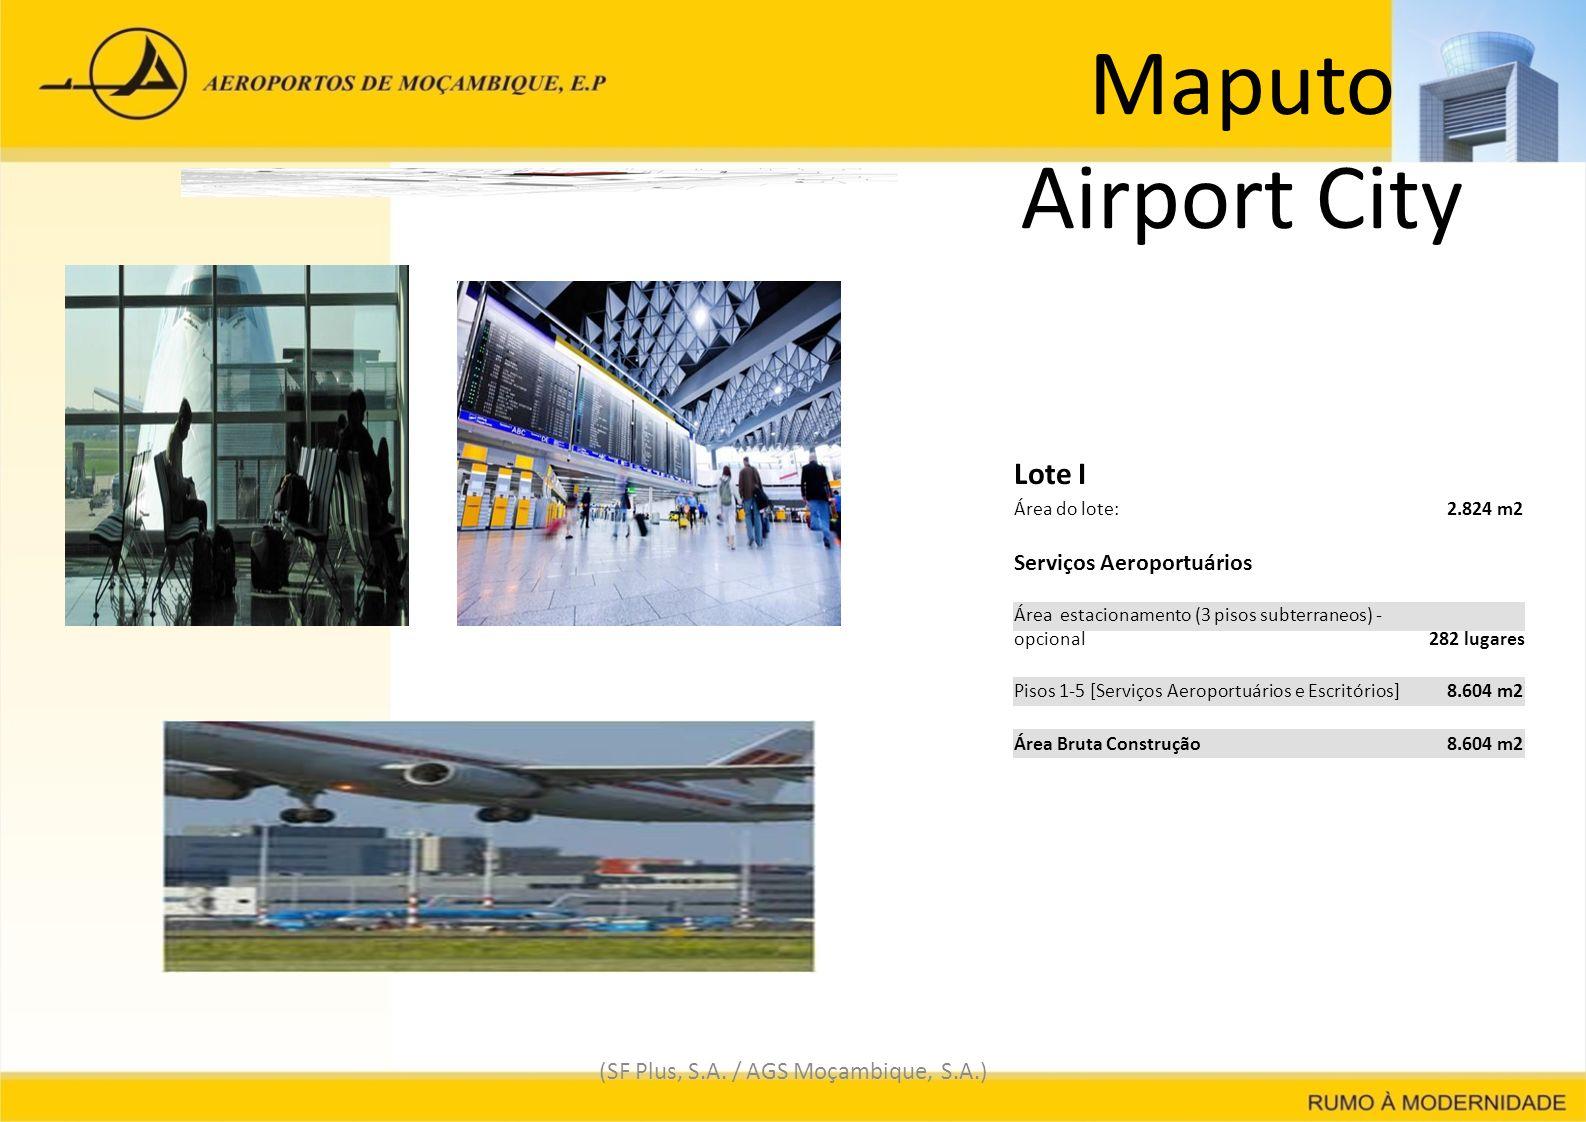 Maputo Airport City (SF Plus, S.A. / AGS Moçambique, S.A.) Lote I Área do lote: 2.824 m22.824 m2 Serviços Aeroportuários Área estacionamento (3 pisos